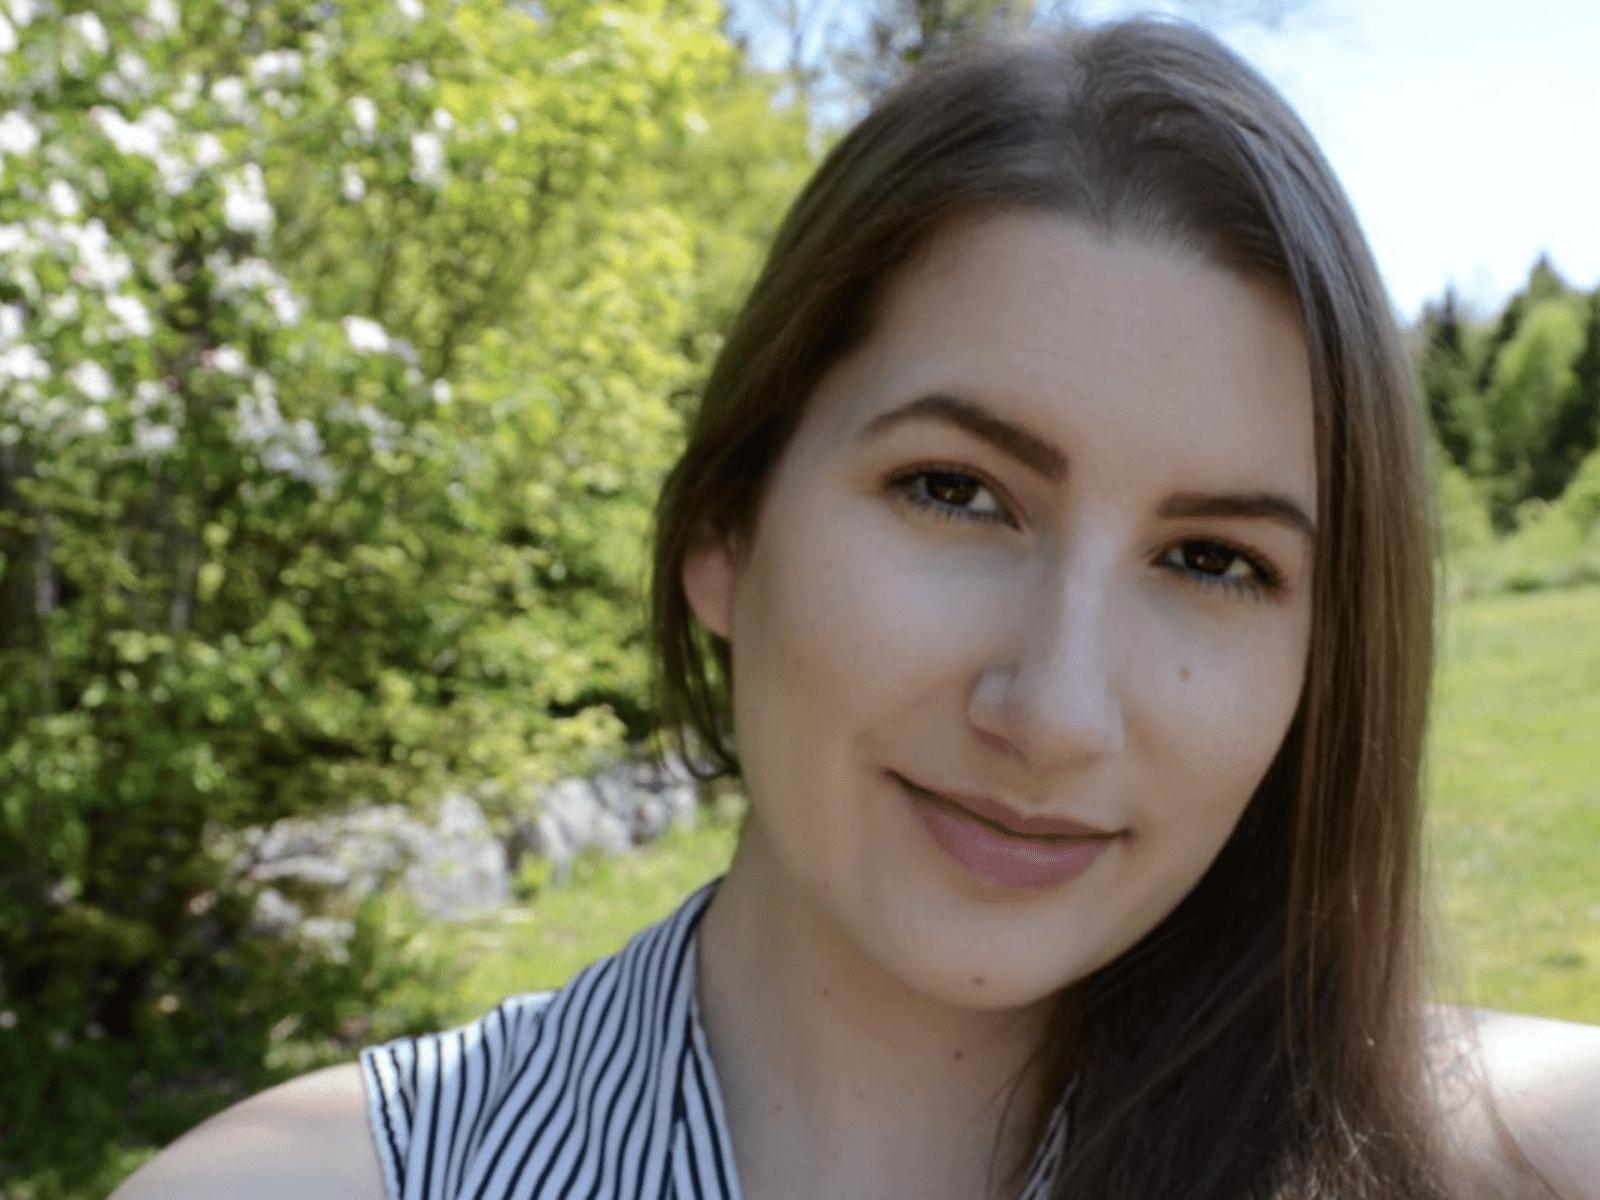 Rebecca from Halifax, Nova Scotia, Canada